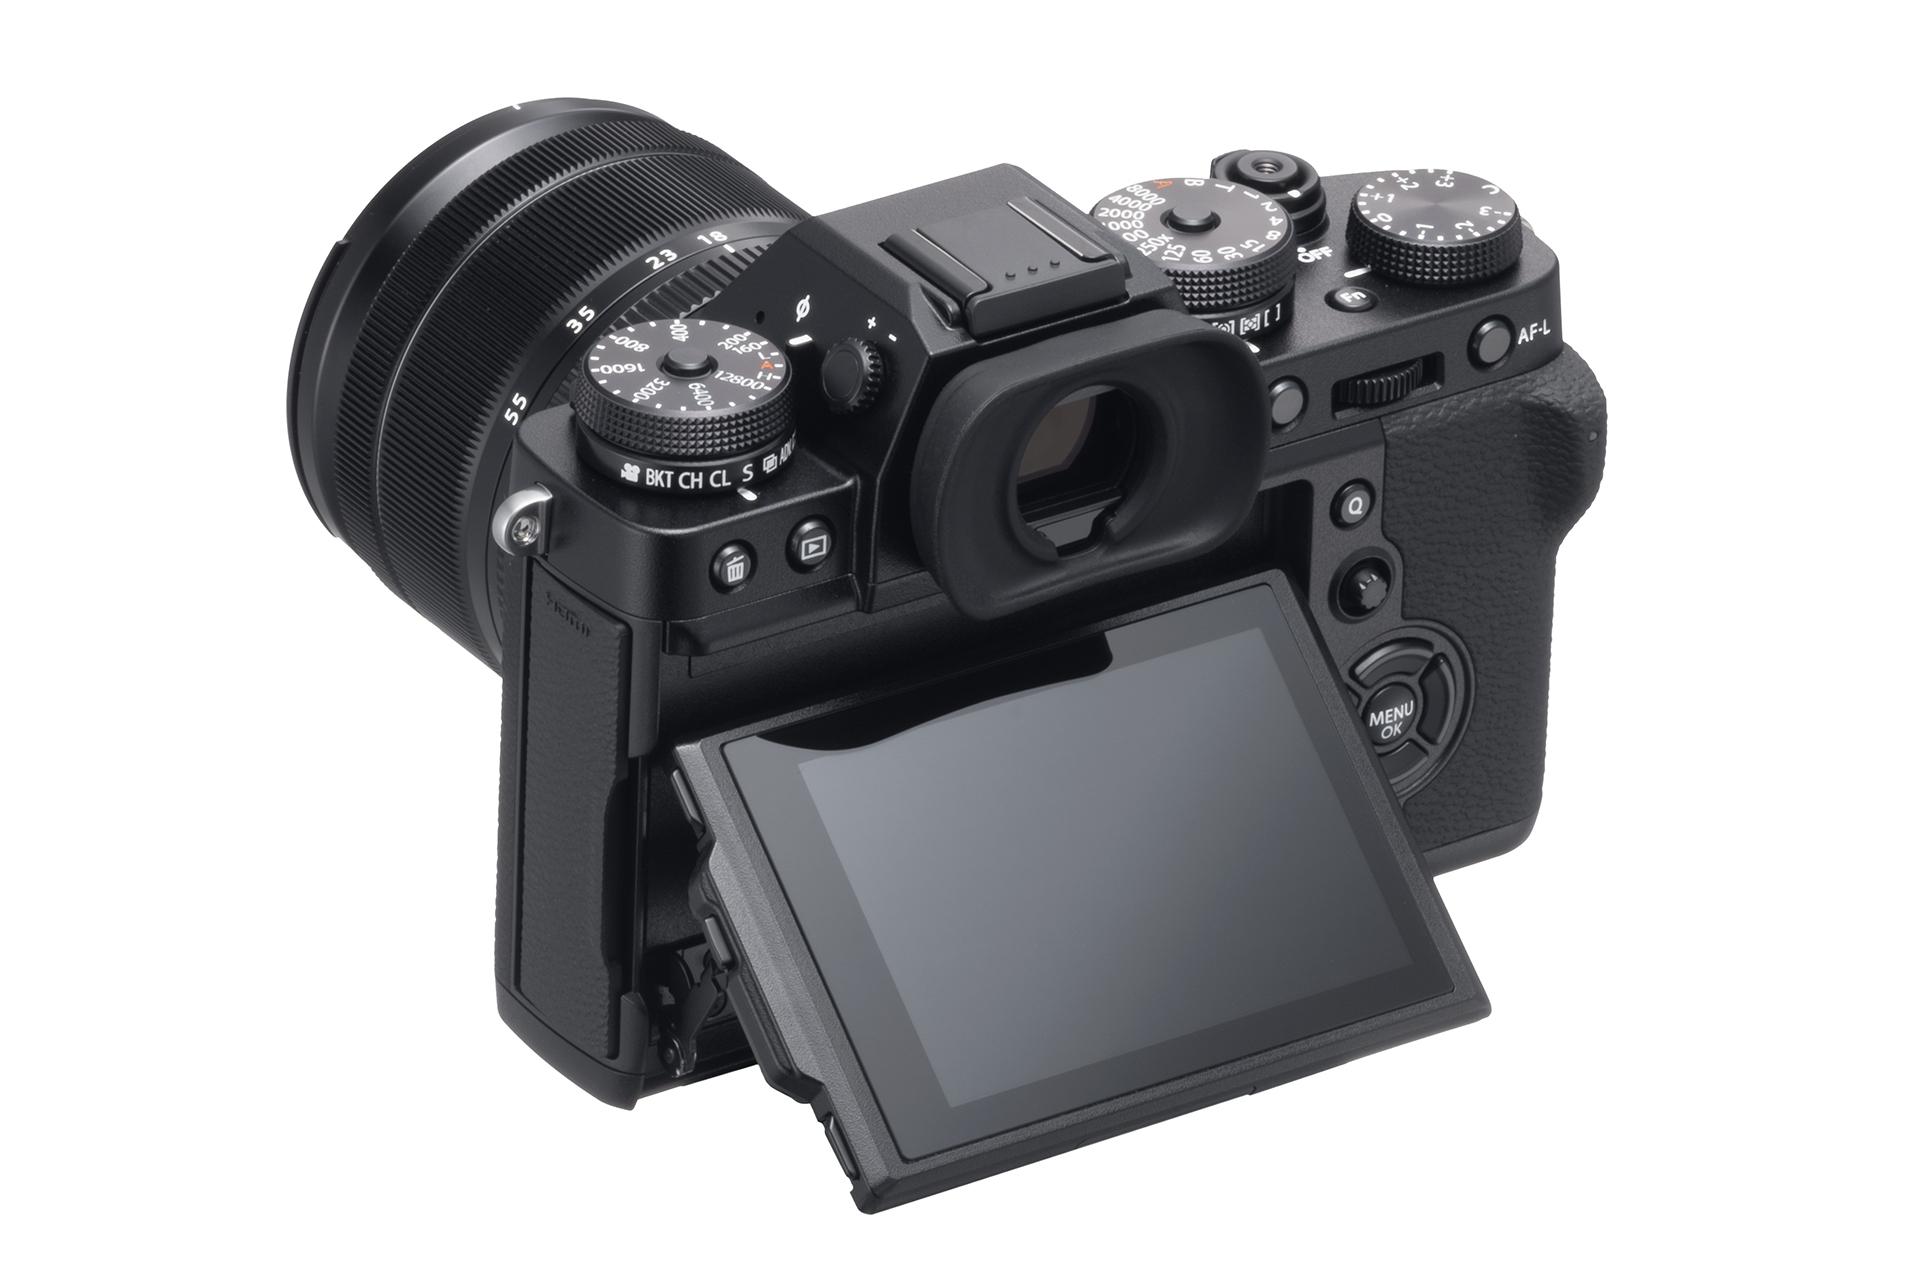 New Fujifilm X-T3